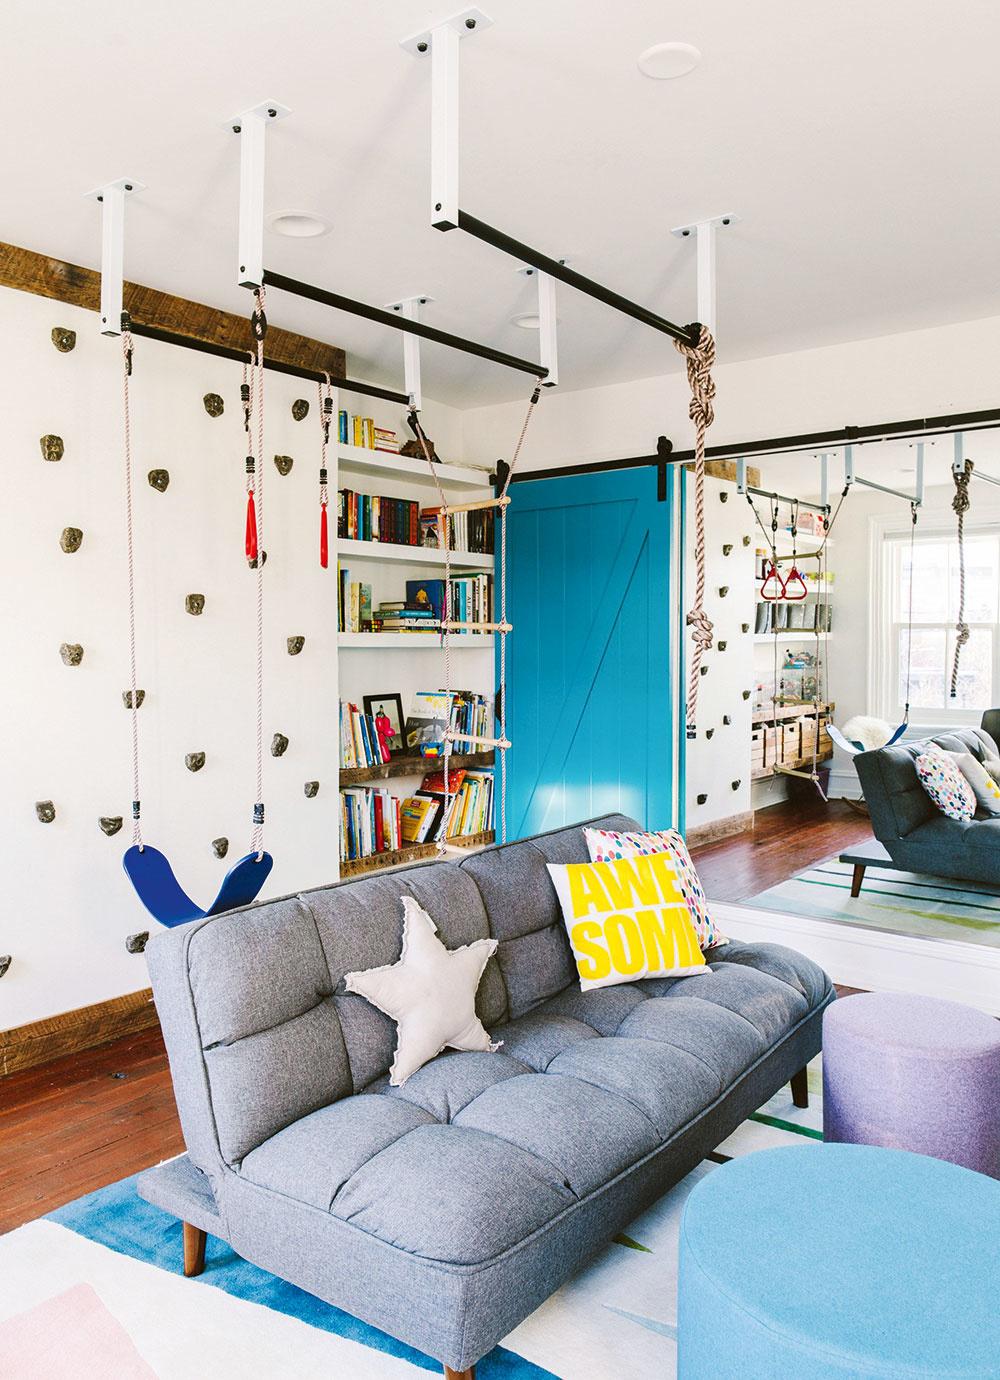 DETSKÁ IZBA či obývačka sa môže stať telocvičňou plnou smiechu, zábavy idobrodružstva. Šikovné amultifunkčné pomôcky smoderným dizajnom nezaberú veľa miesta azabavia celú rodinu.